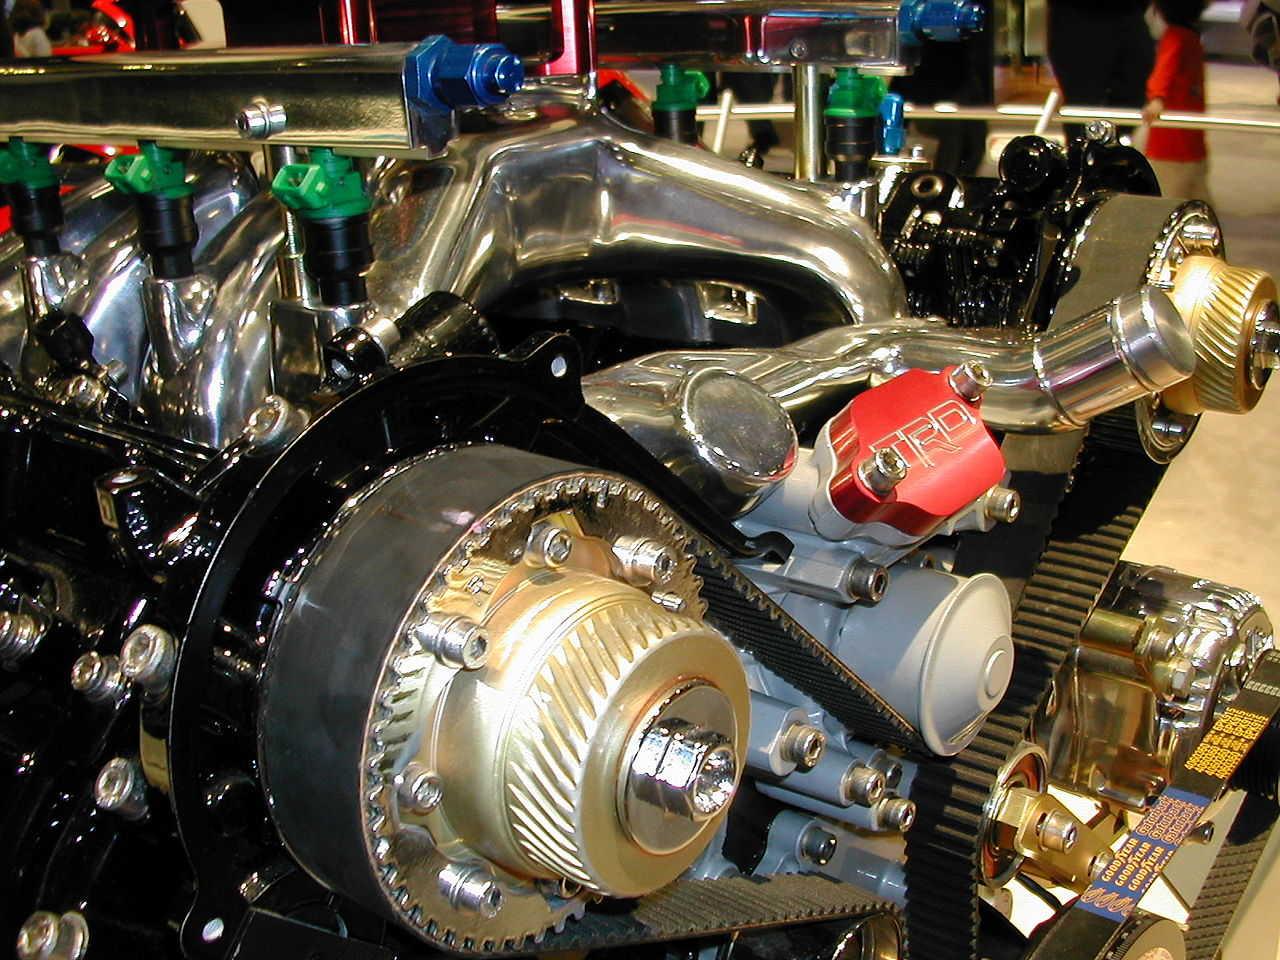 Descoberta do motor de combustão interna